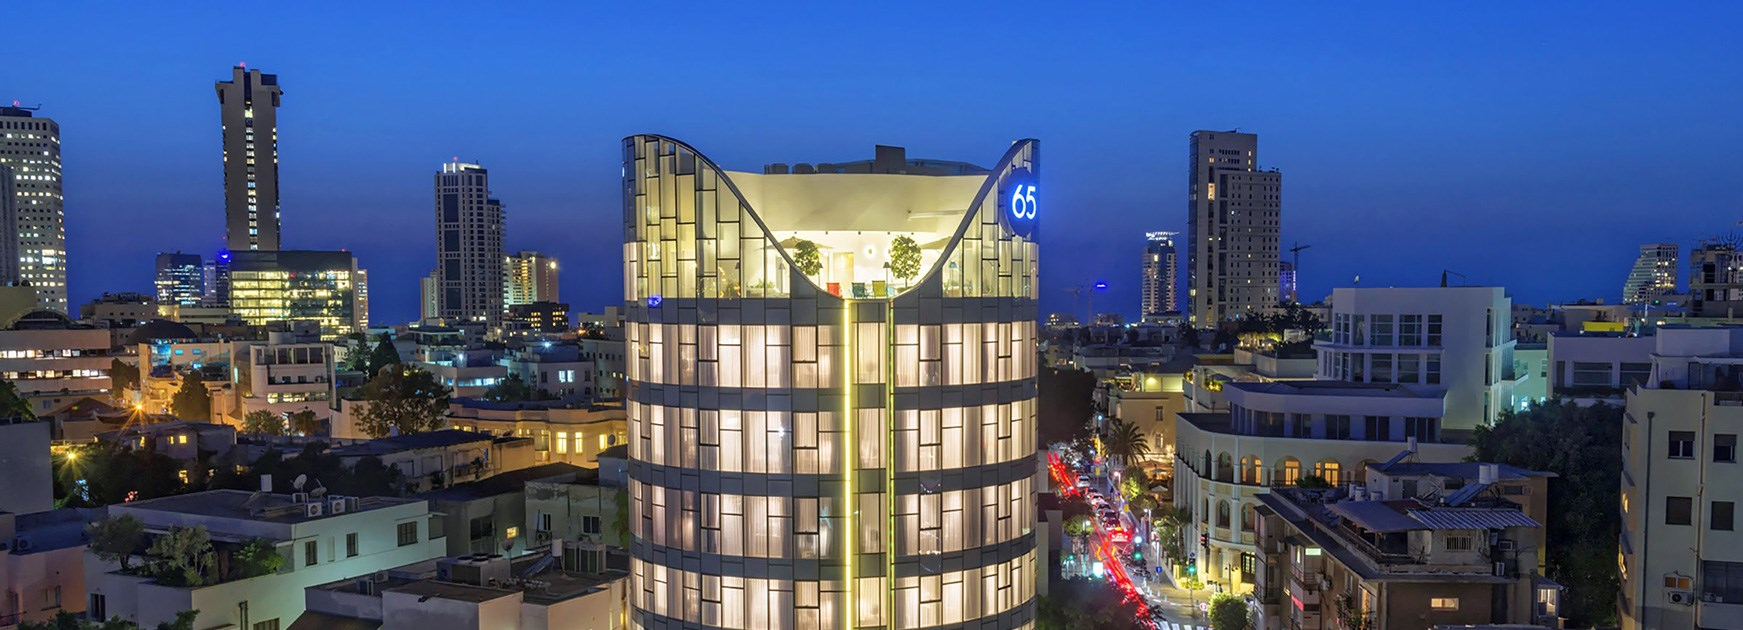 מלון 65 רוטשילד תל אביב